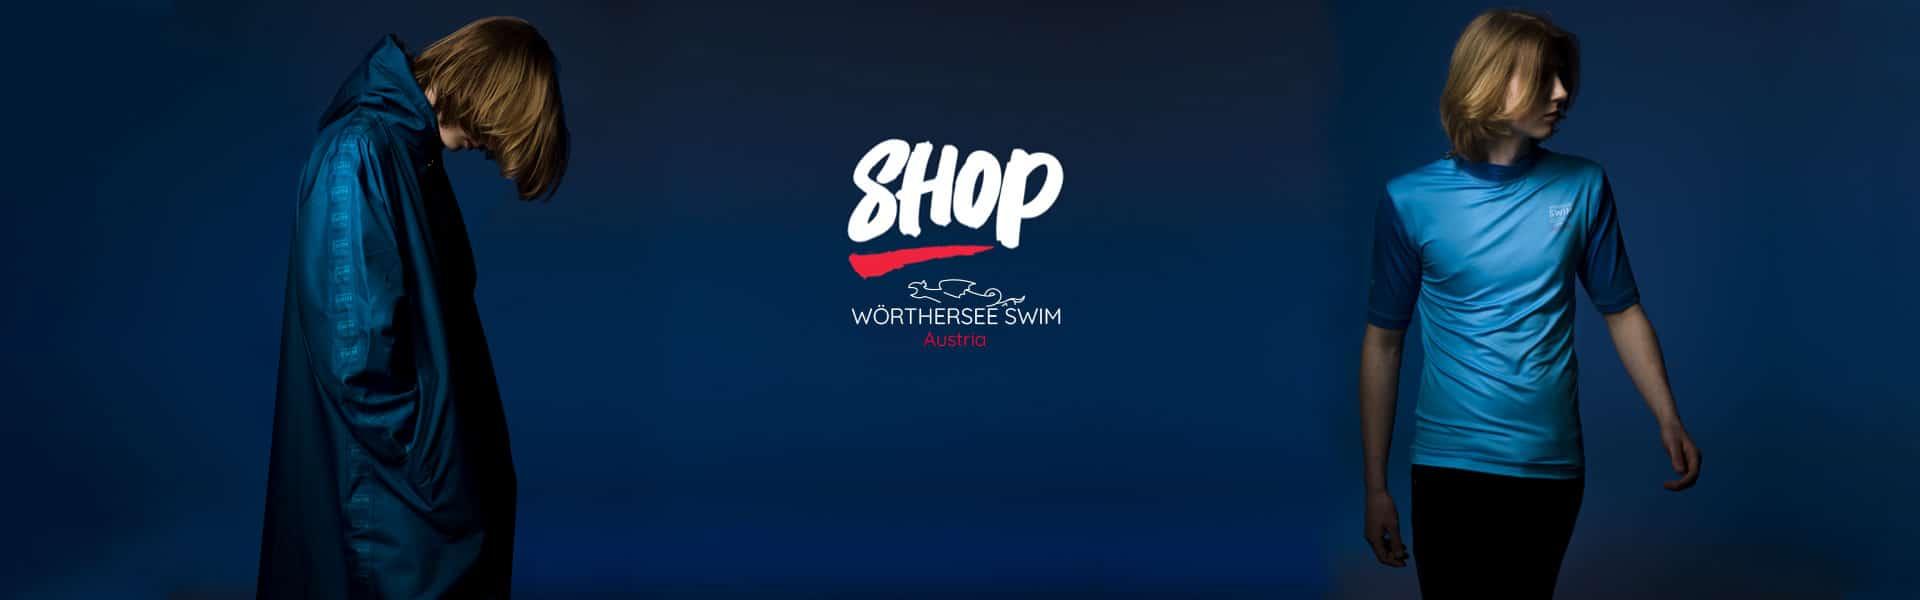 Woerthersee-Swim-Shop-Header-2020